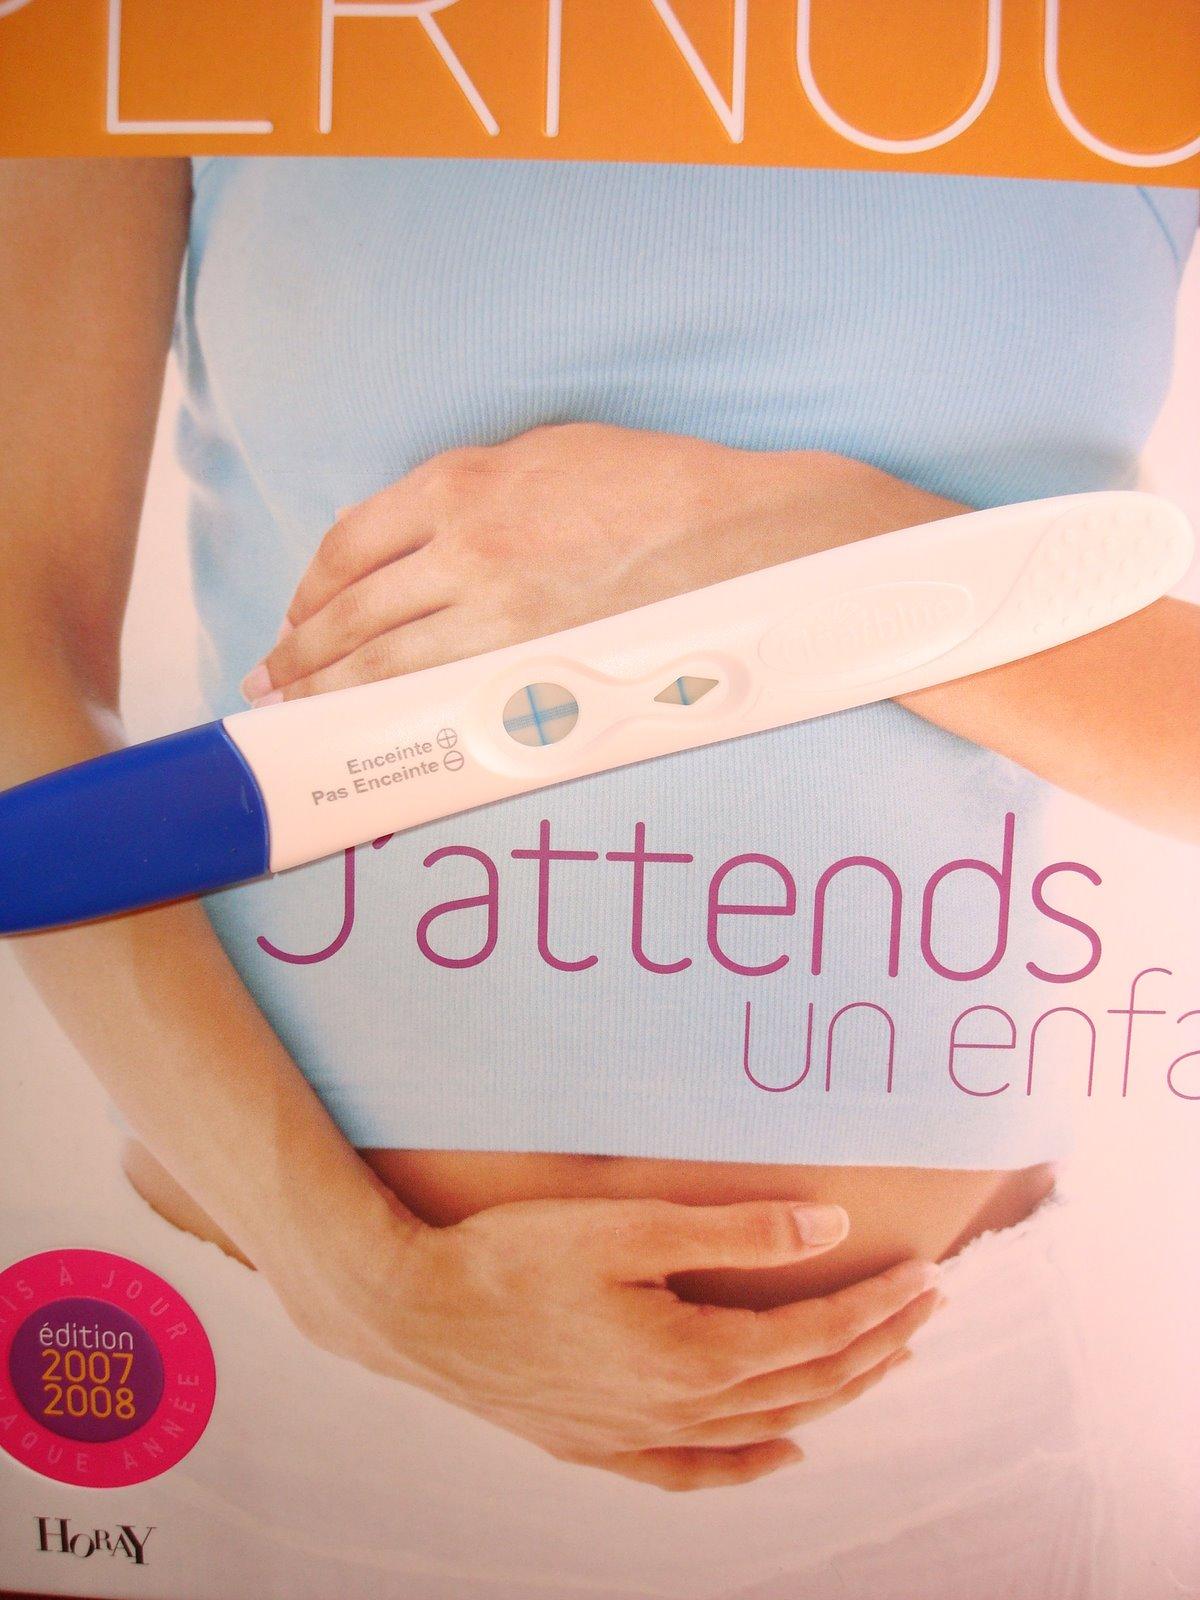 premier mois de grossesse fatigue